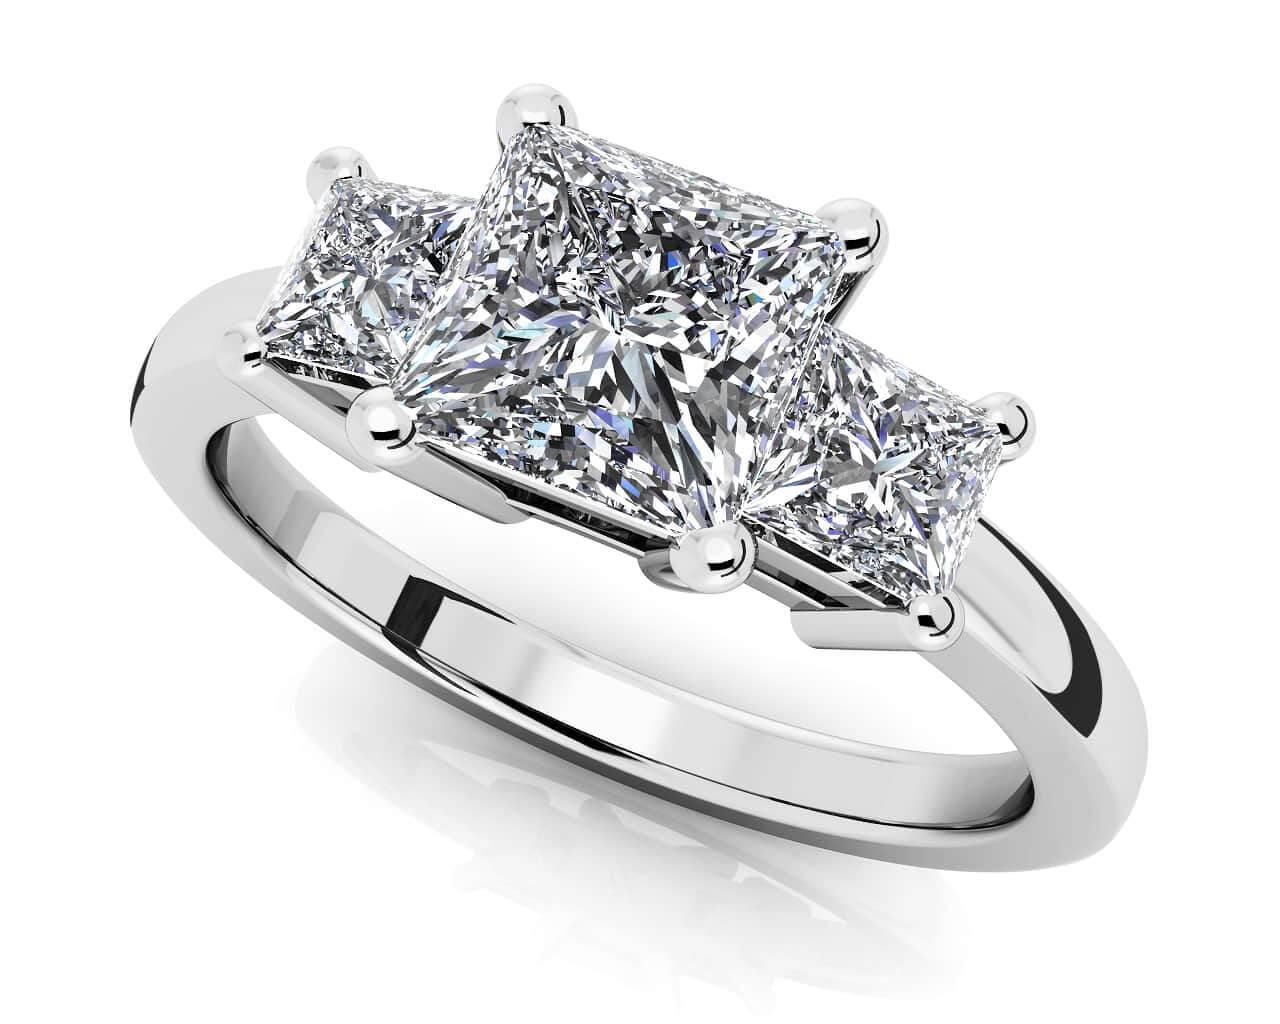 Princess Cut Diamond 3 Stone Ring